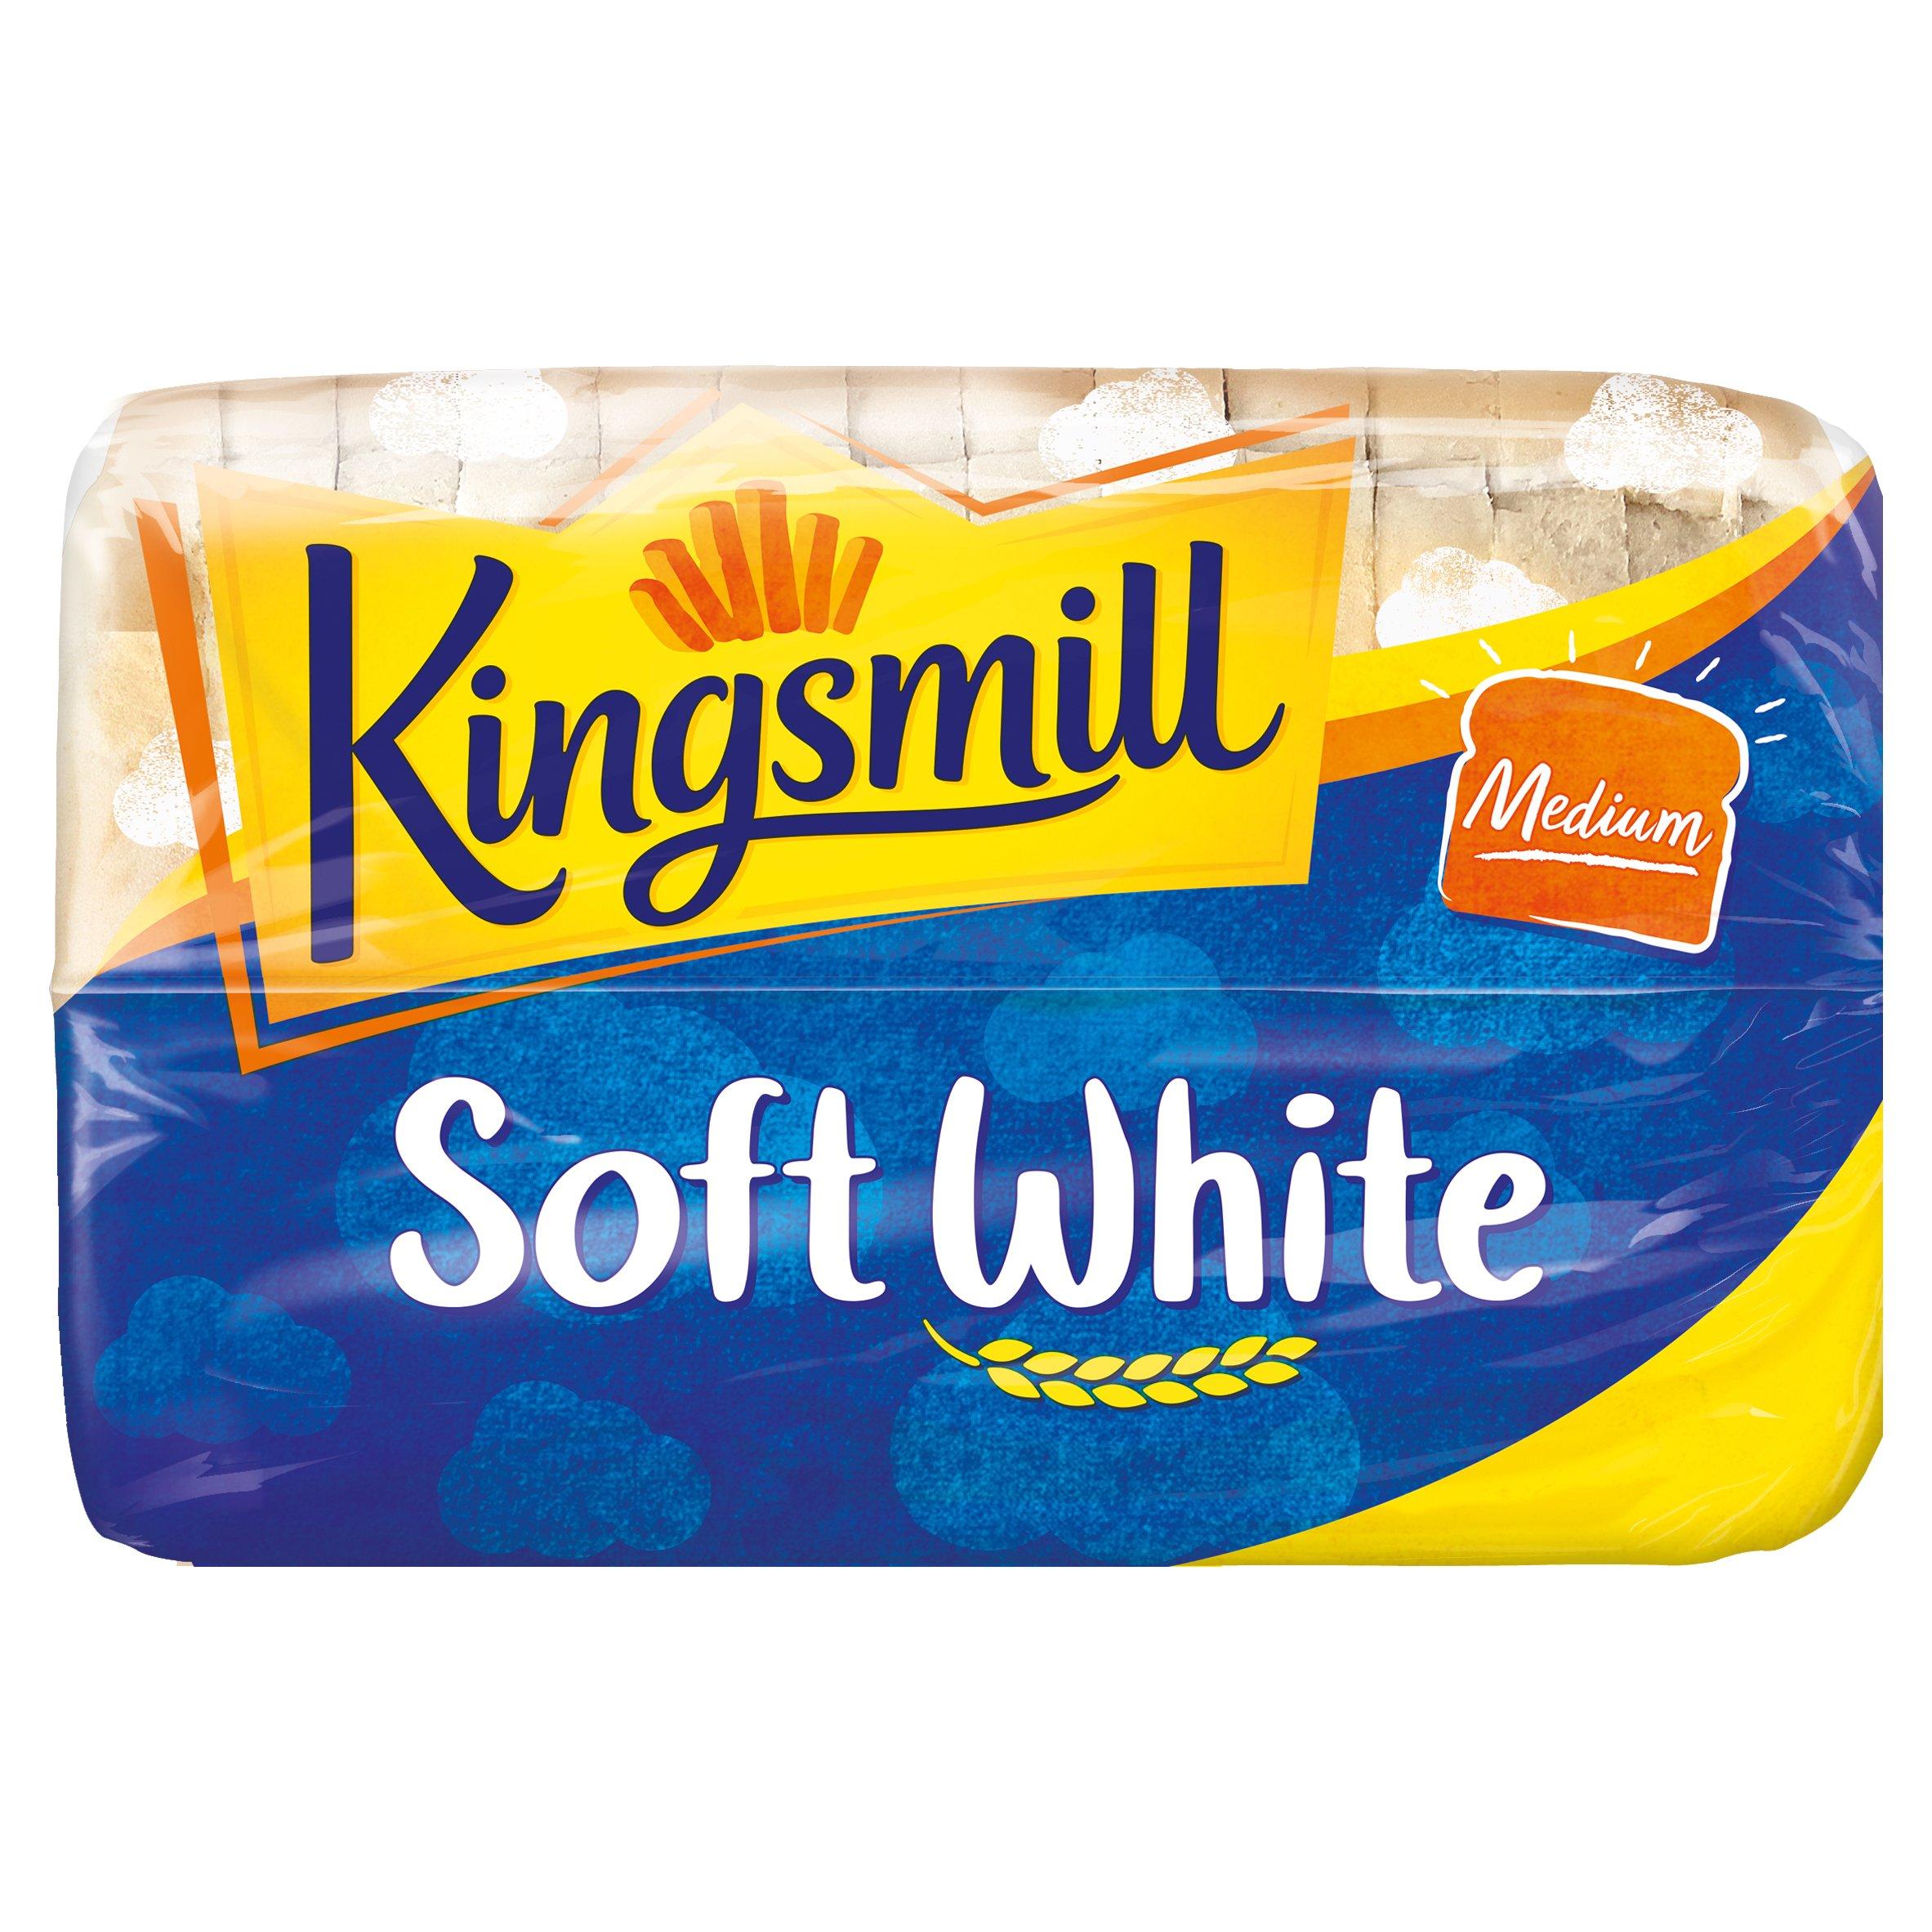 Kingsmill Soft White Medium Bread 800G